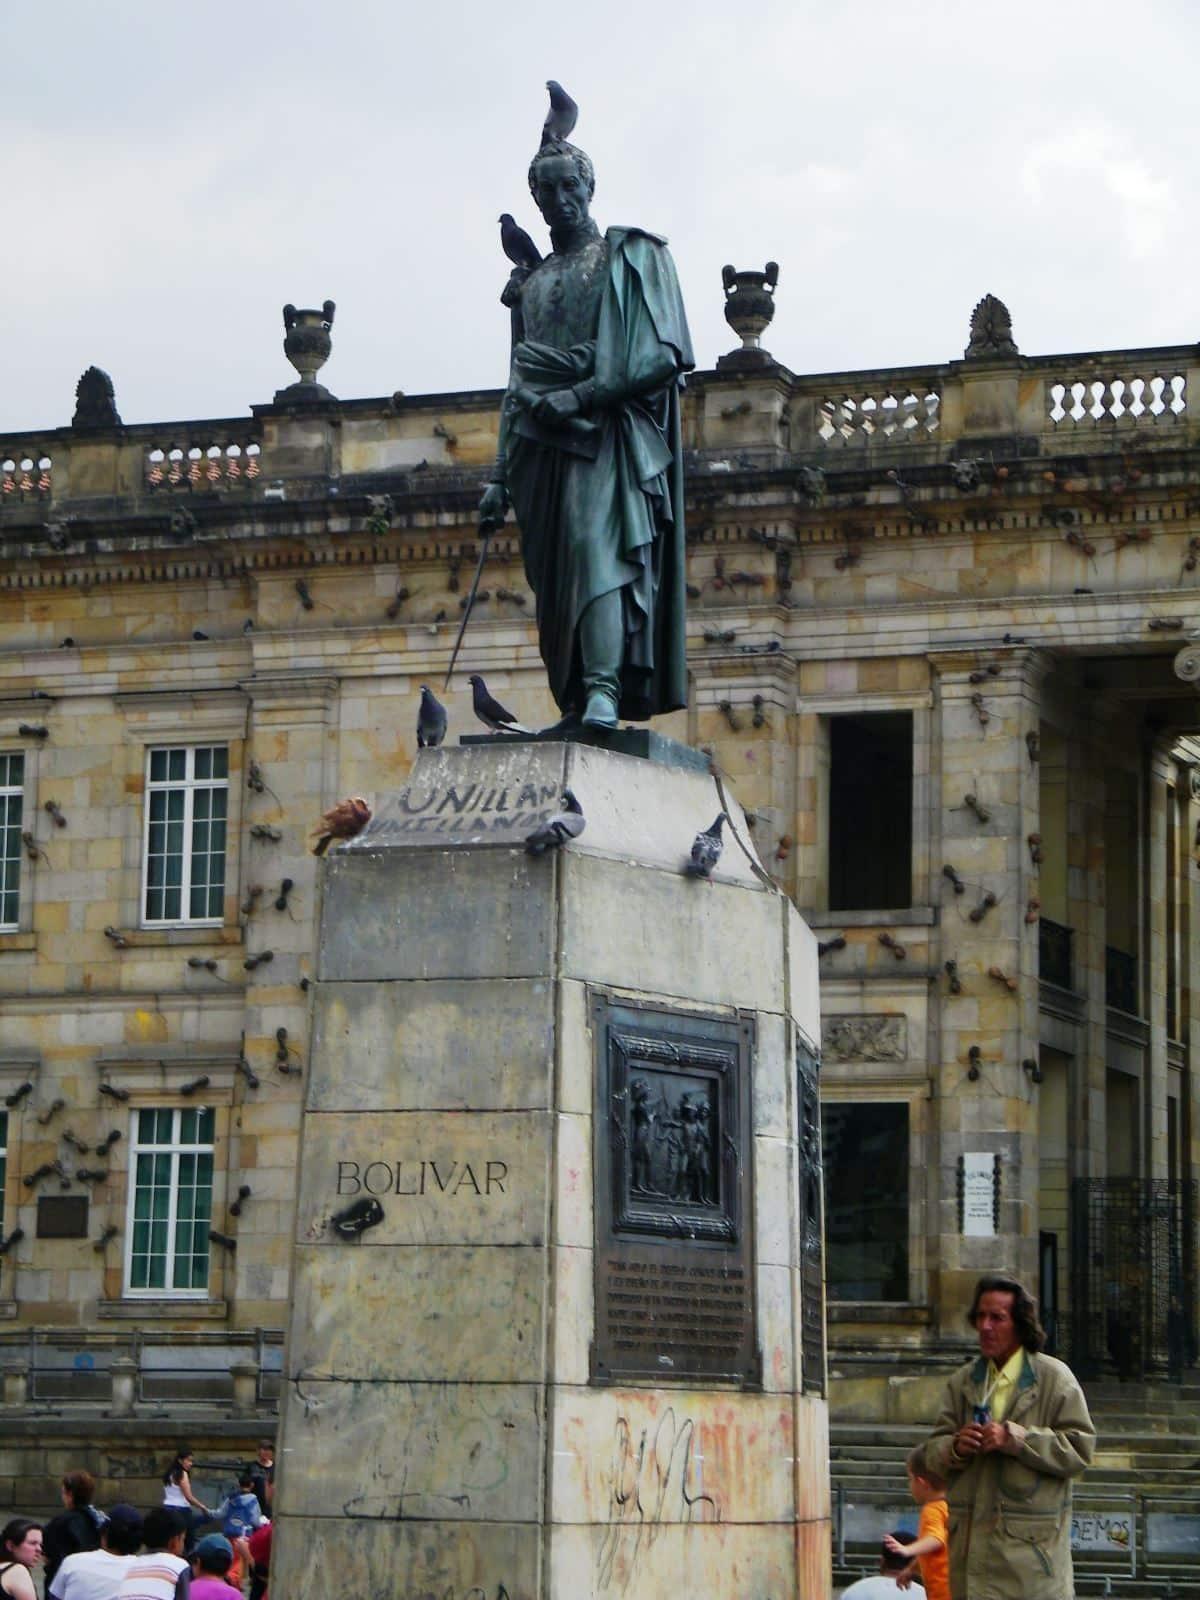 plaza bolivar bogota Colombia Bolivar in Bogota